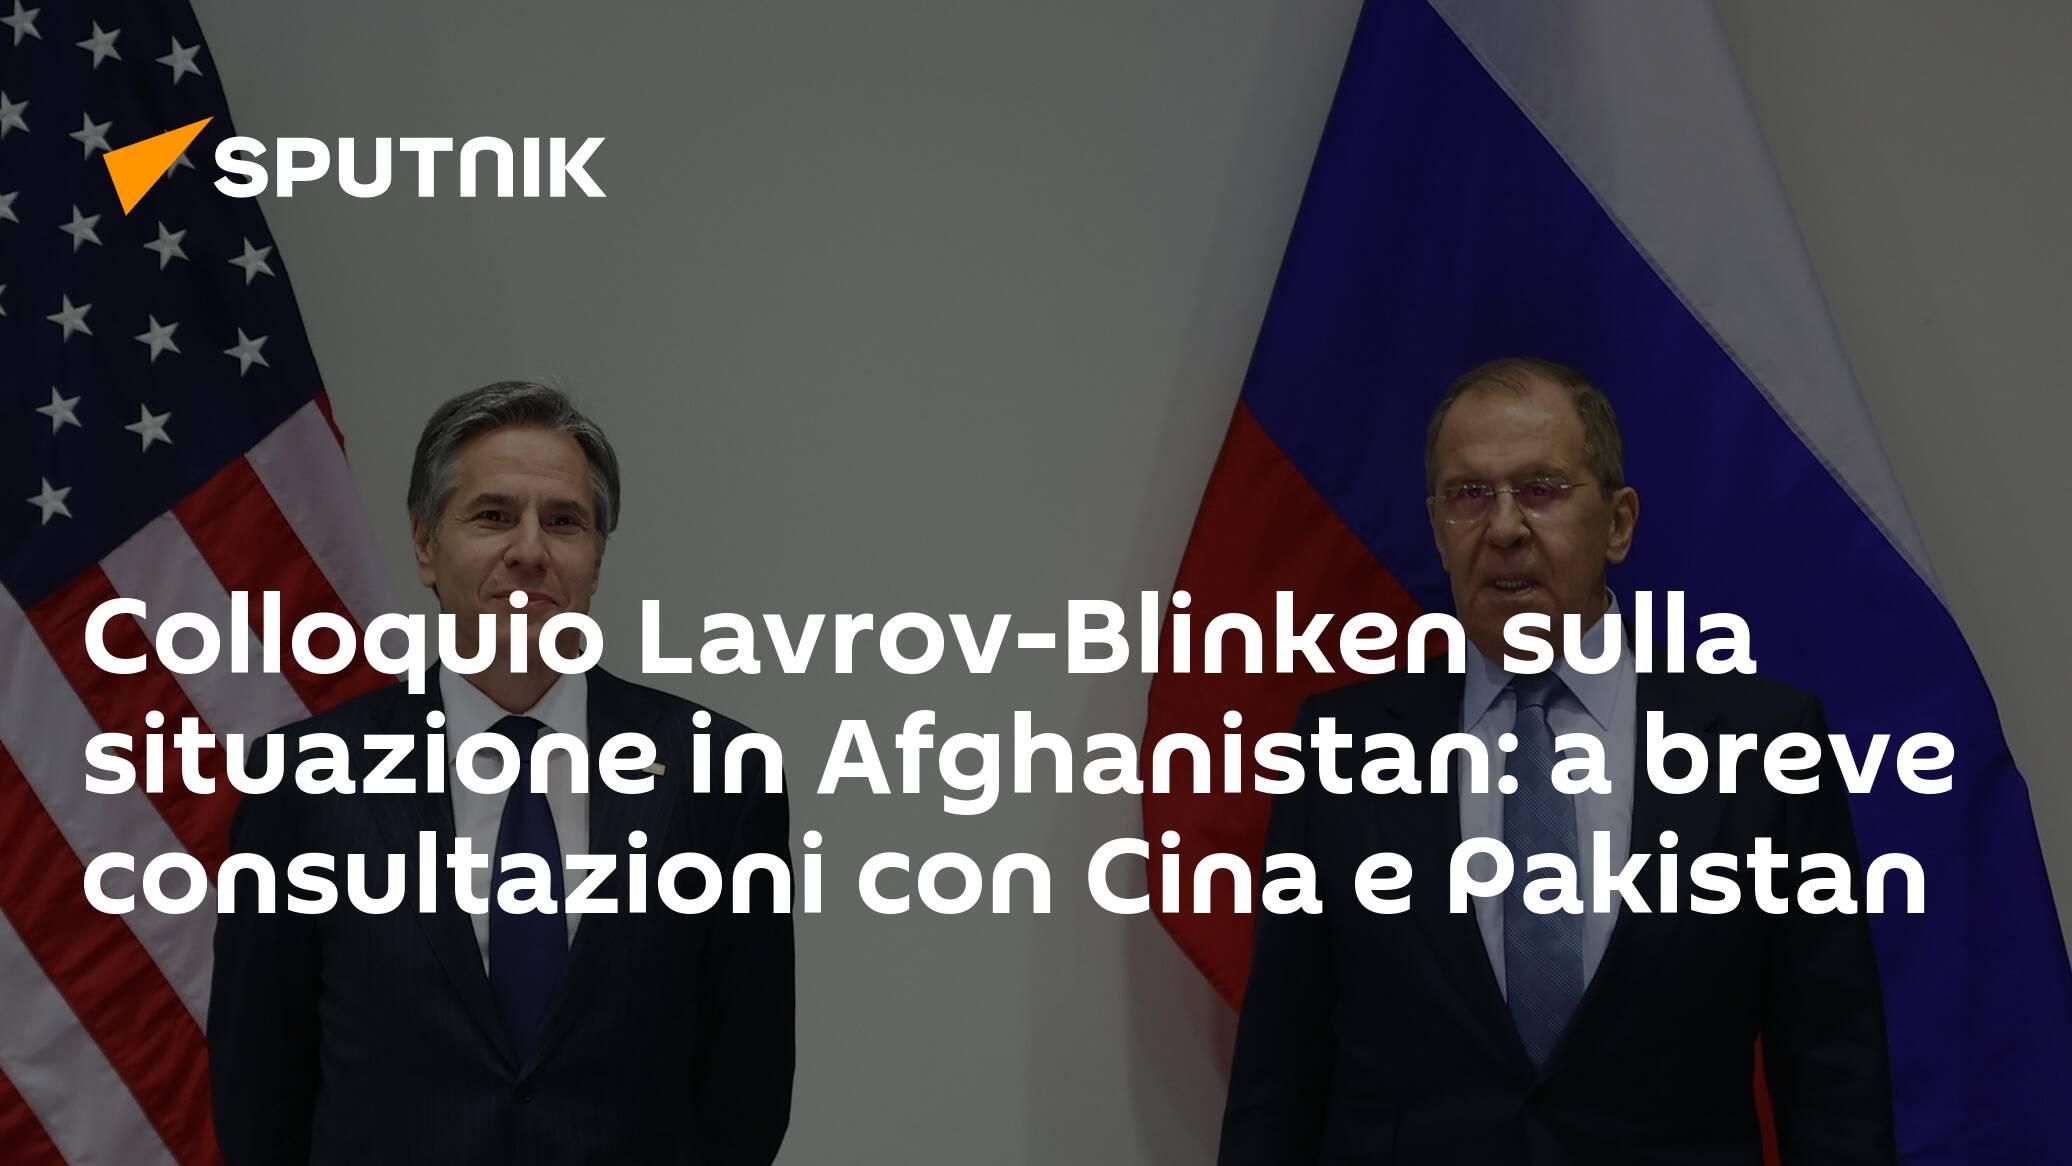 همایش لاوروف بلینکن در مورد وضعیت افغانستان: رایزنی های اخیر با چین و پاکستان